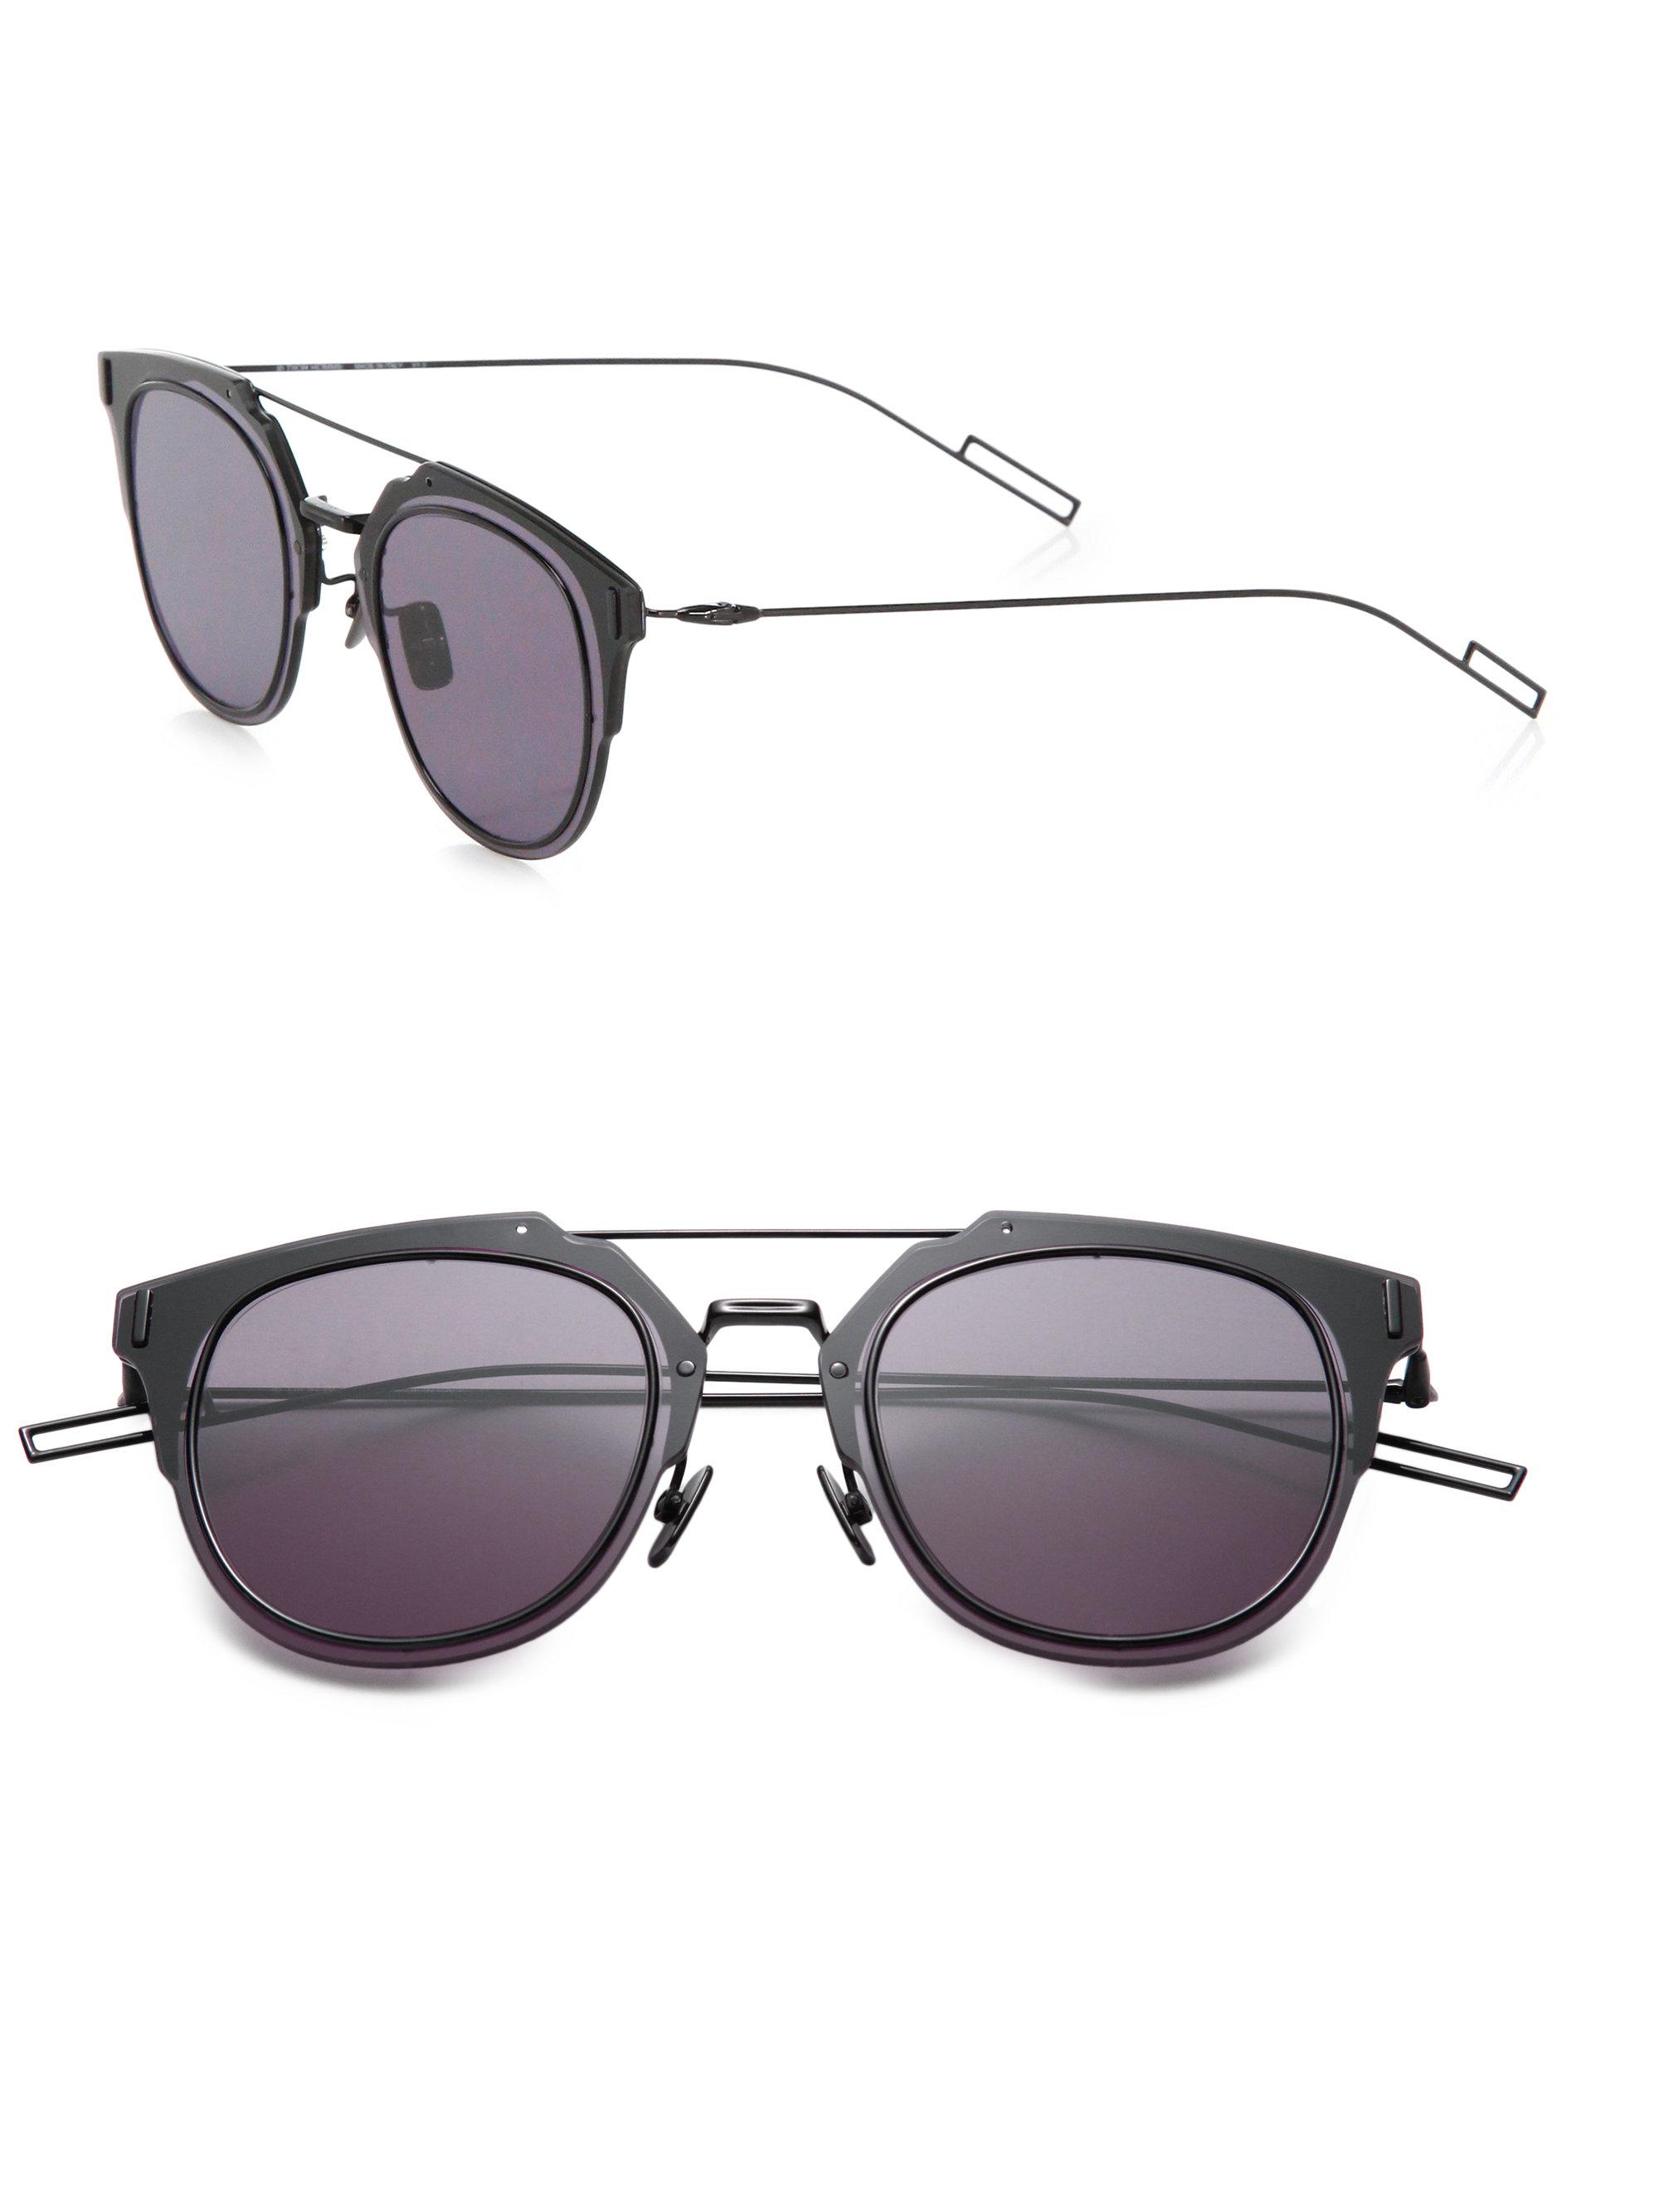 eef9ee6aa1 Lyst - Dior Homme Composit 1.0 Sunglasses in Black for Men